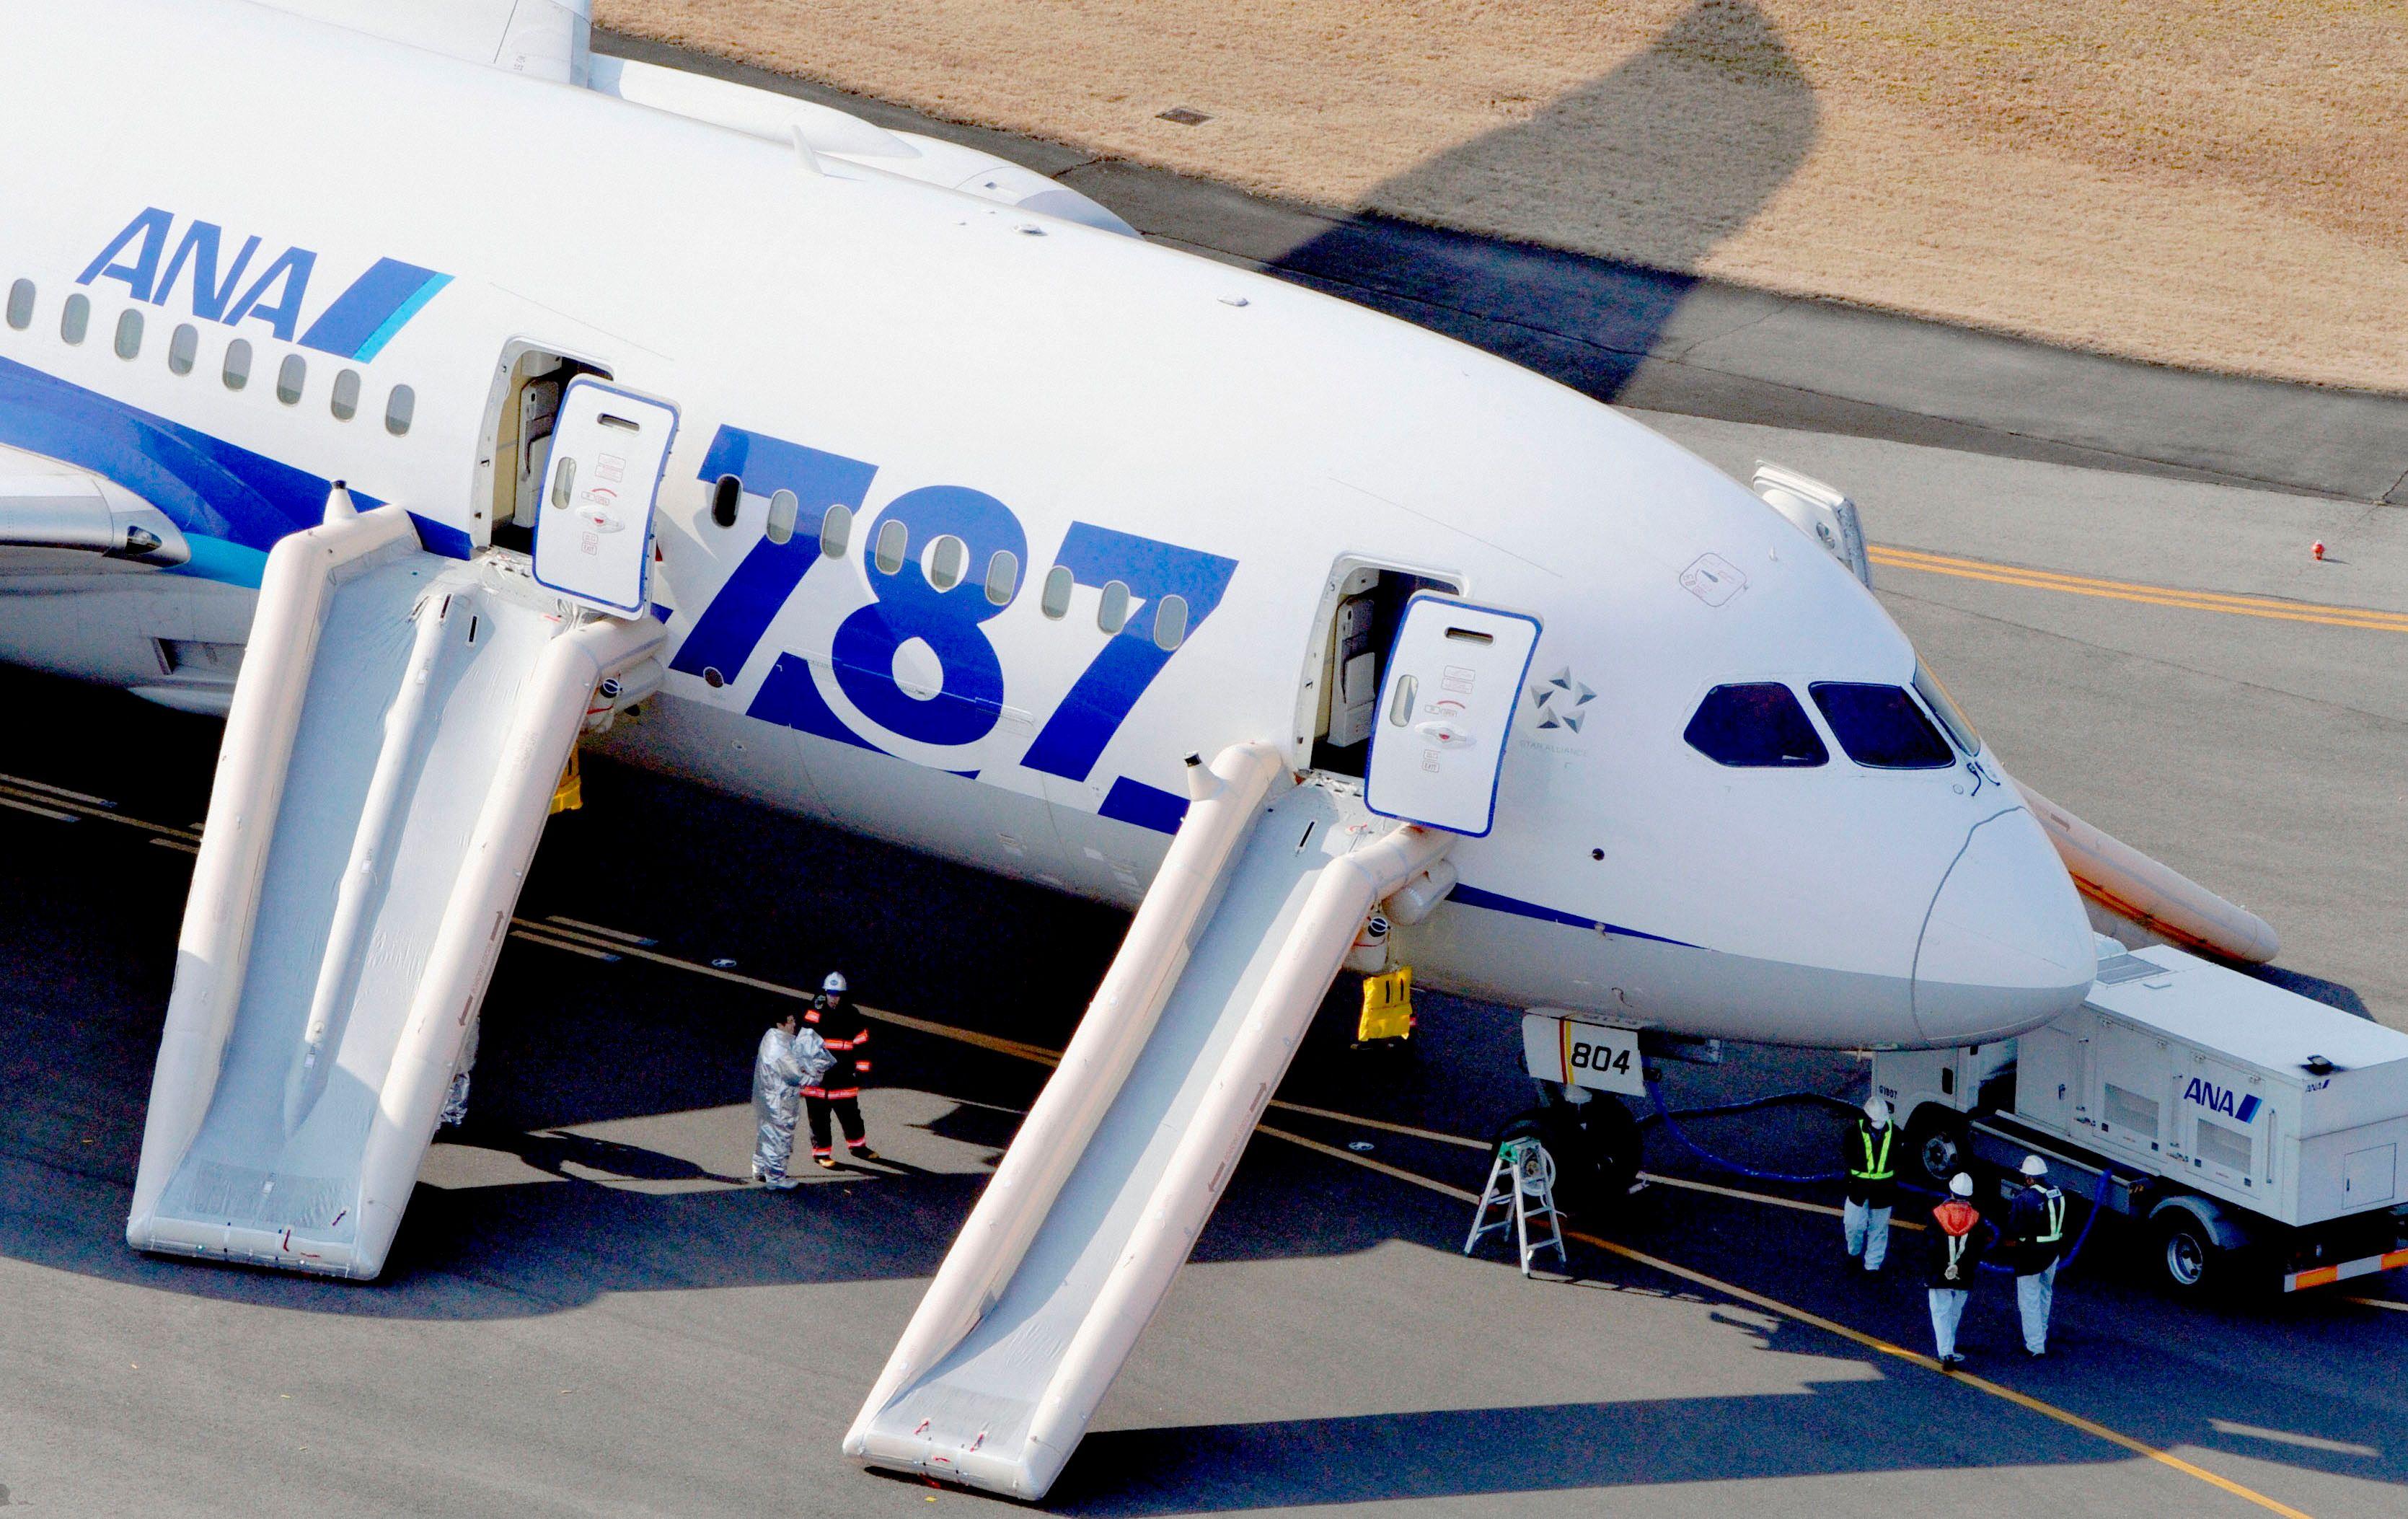 Plusieurs pays ont interdit de vol le Boeing 787 Dreamliner après les nombreux problèmes rencontrés sur l'avion.